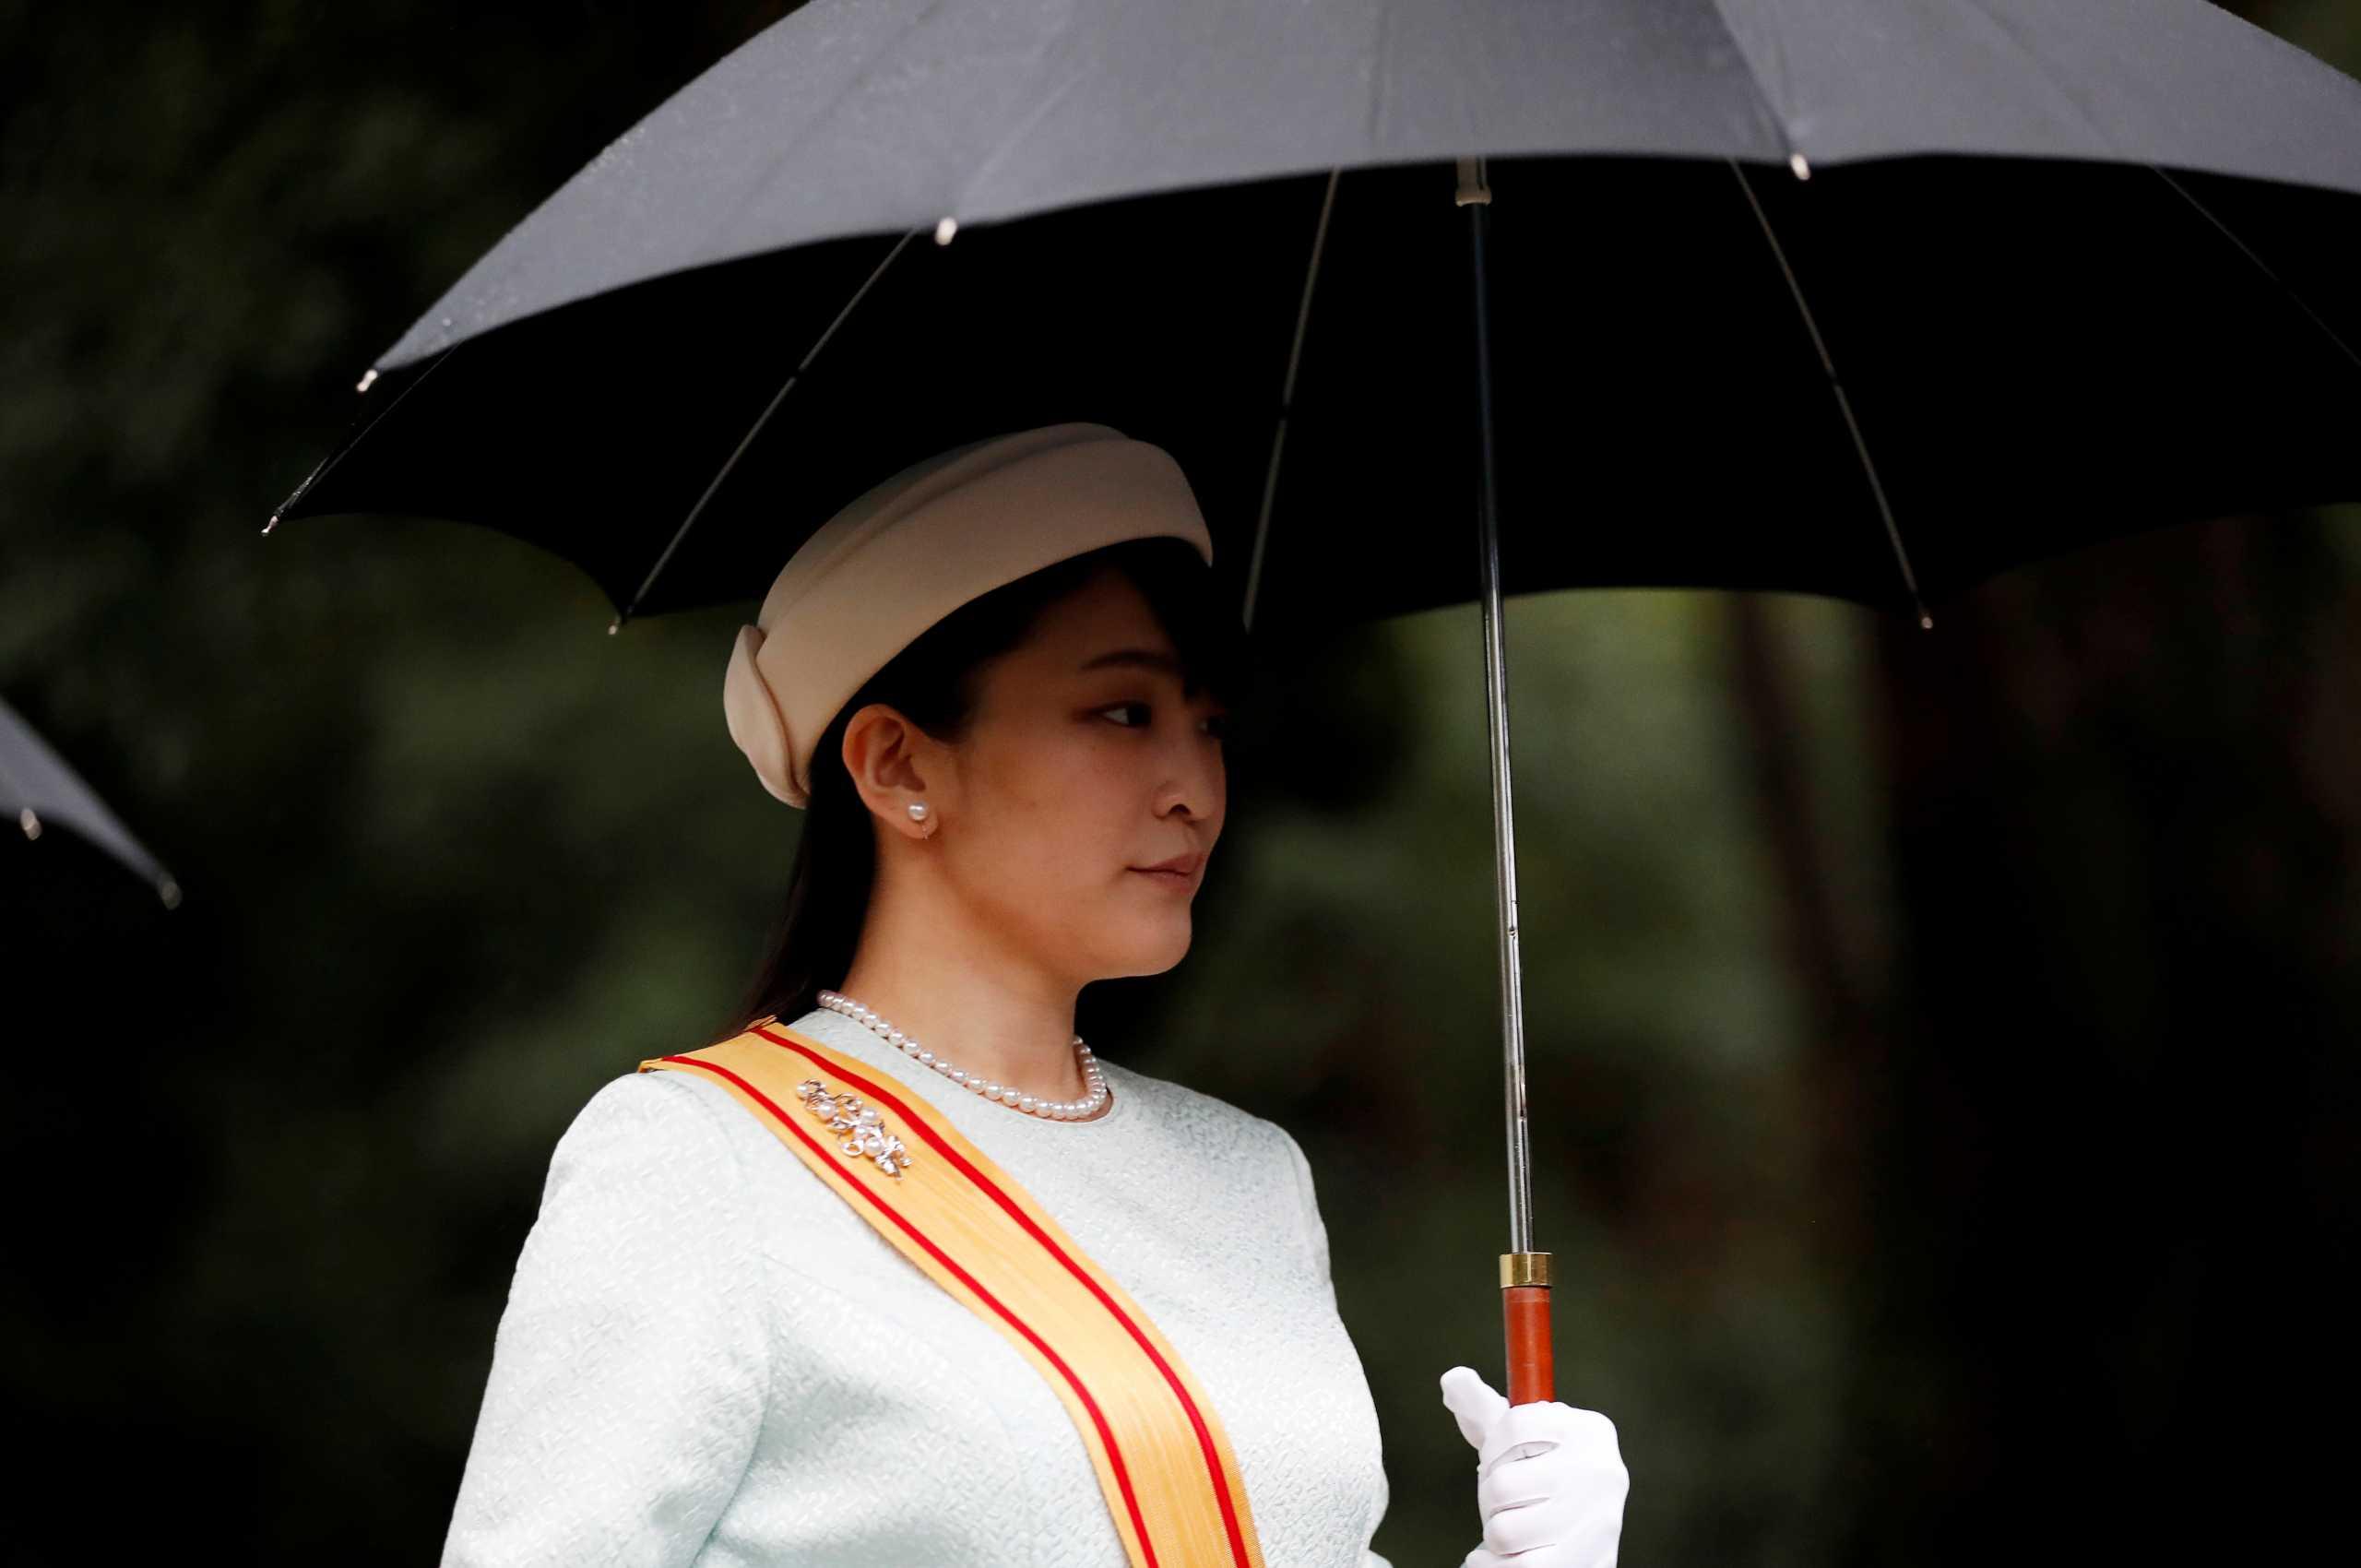 Η Ιαπωνία ετοιμάζεται για το γάμο της πριγκίπισσας Μάκο